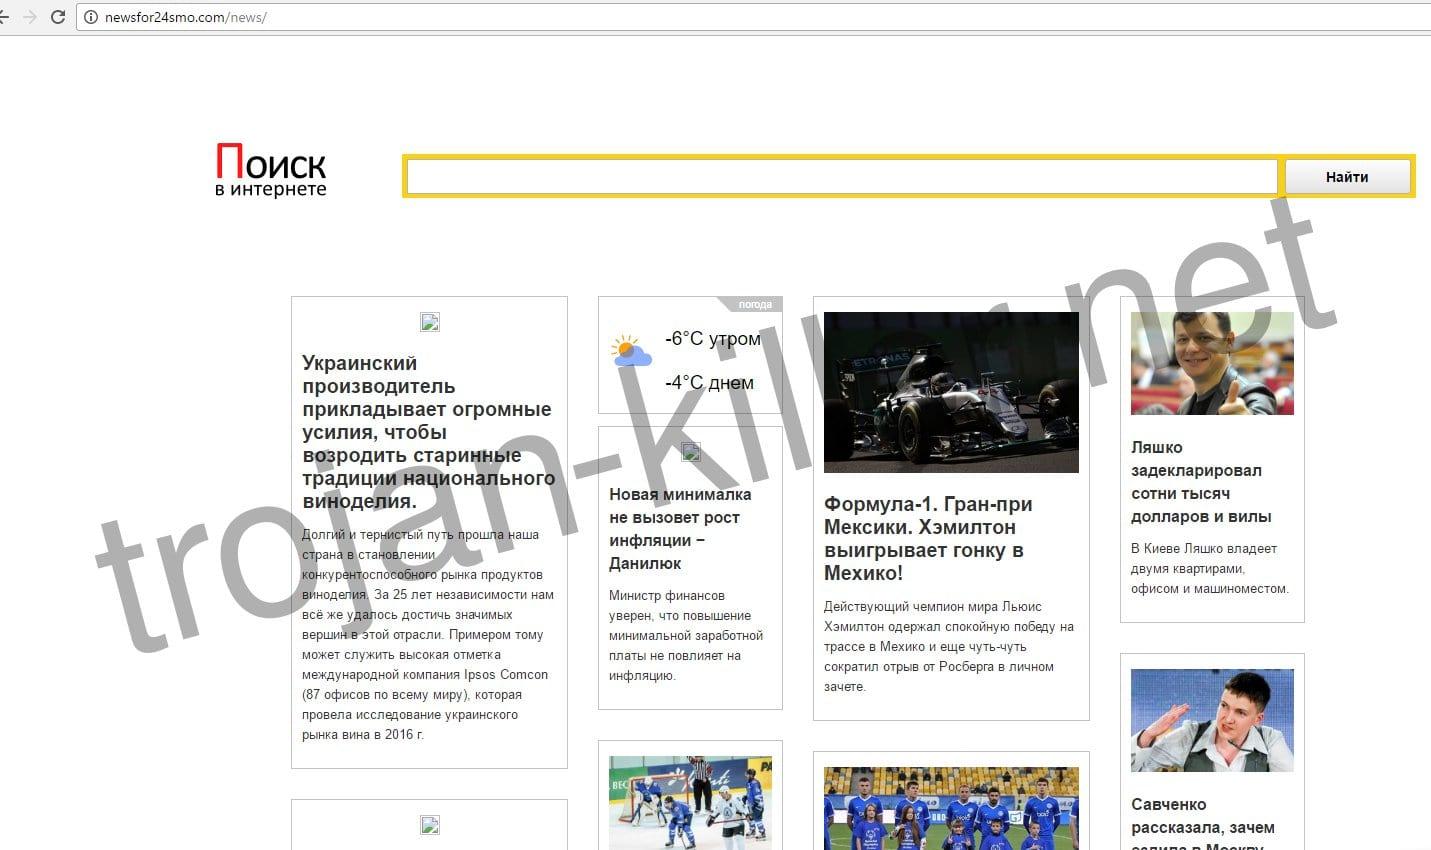 Newsfor24smo.com